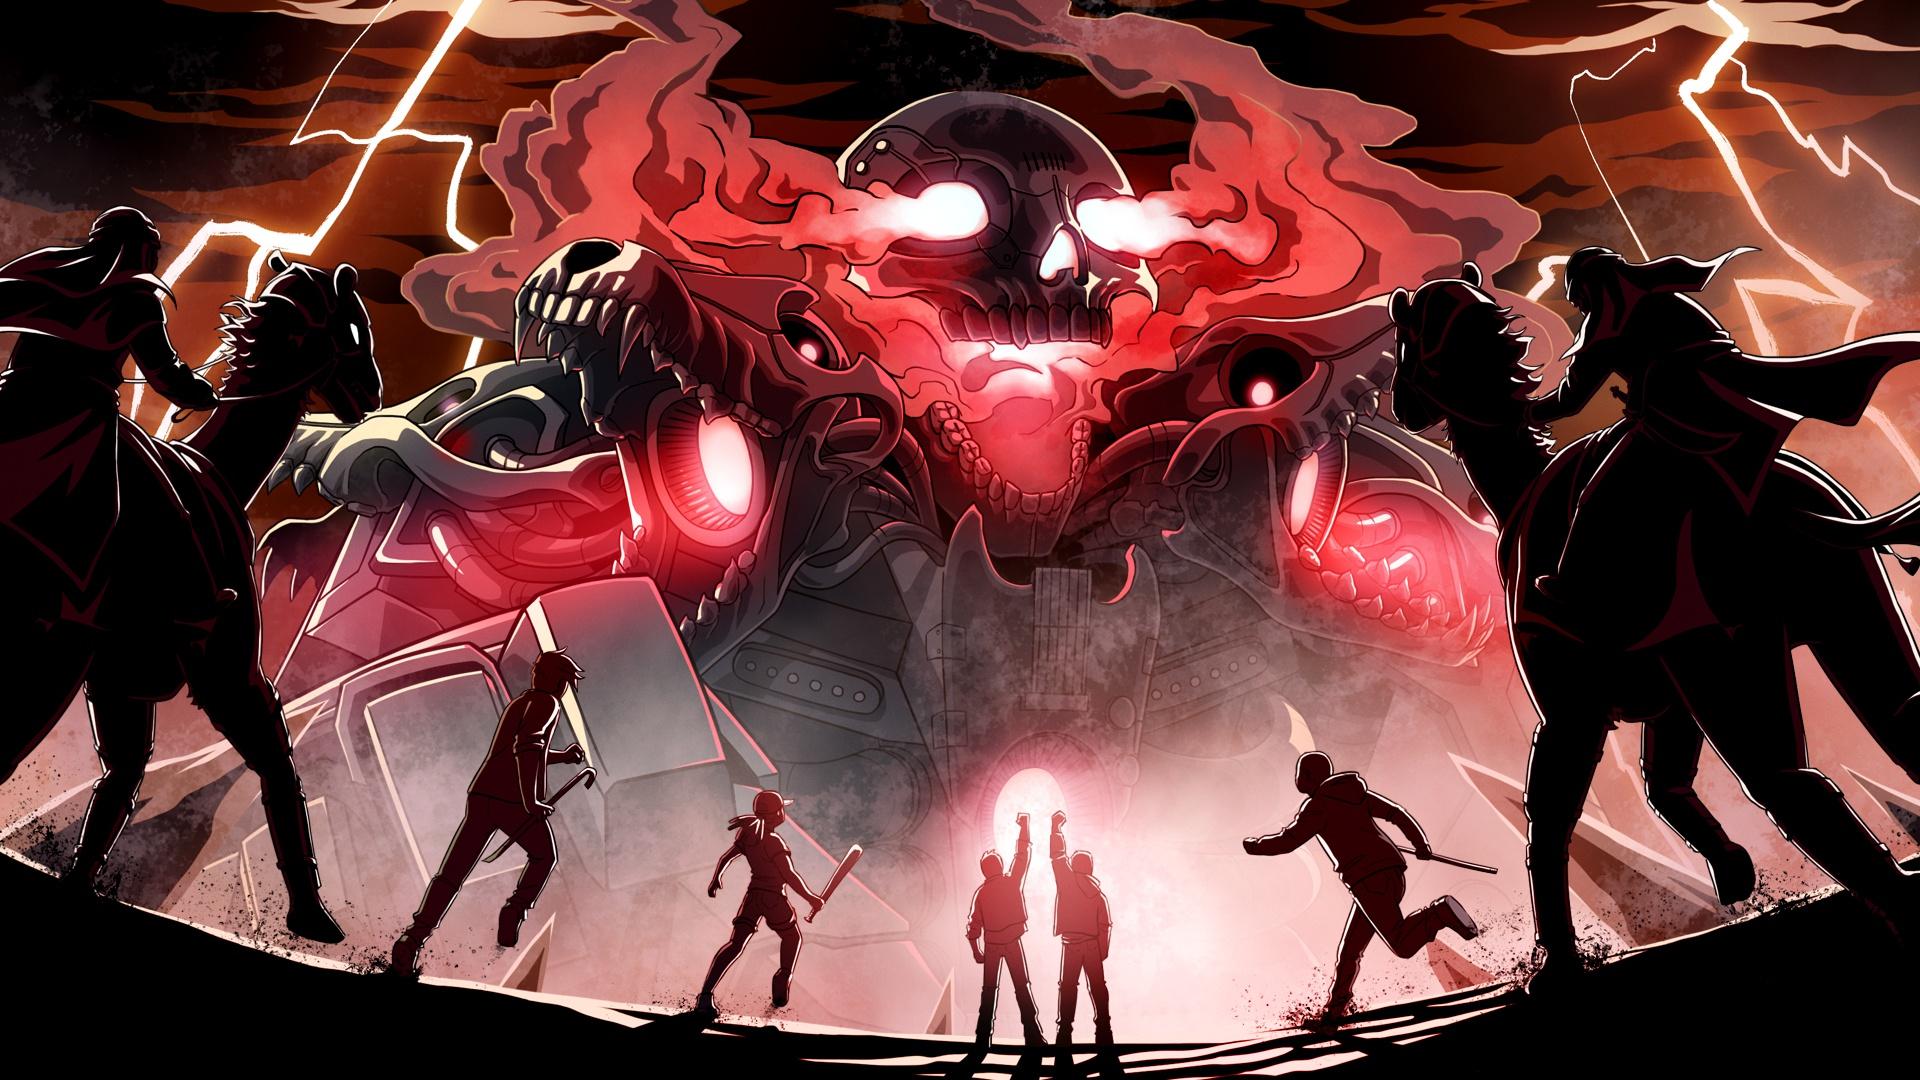 riot-overkill-music-cover-monstercat jpg – BeastSaber